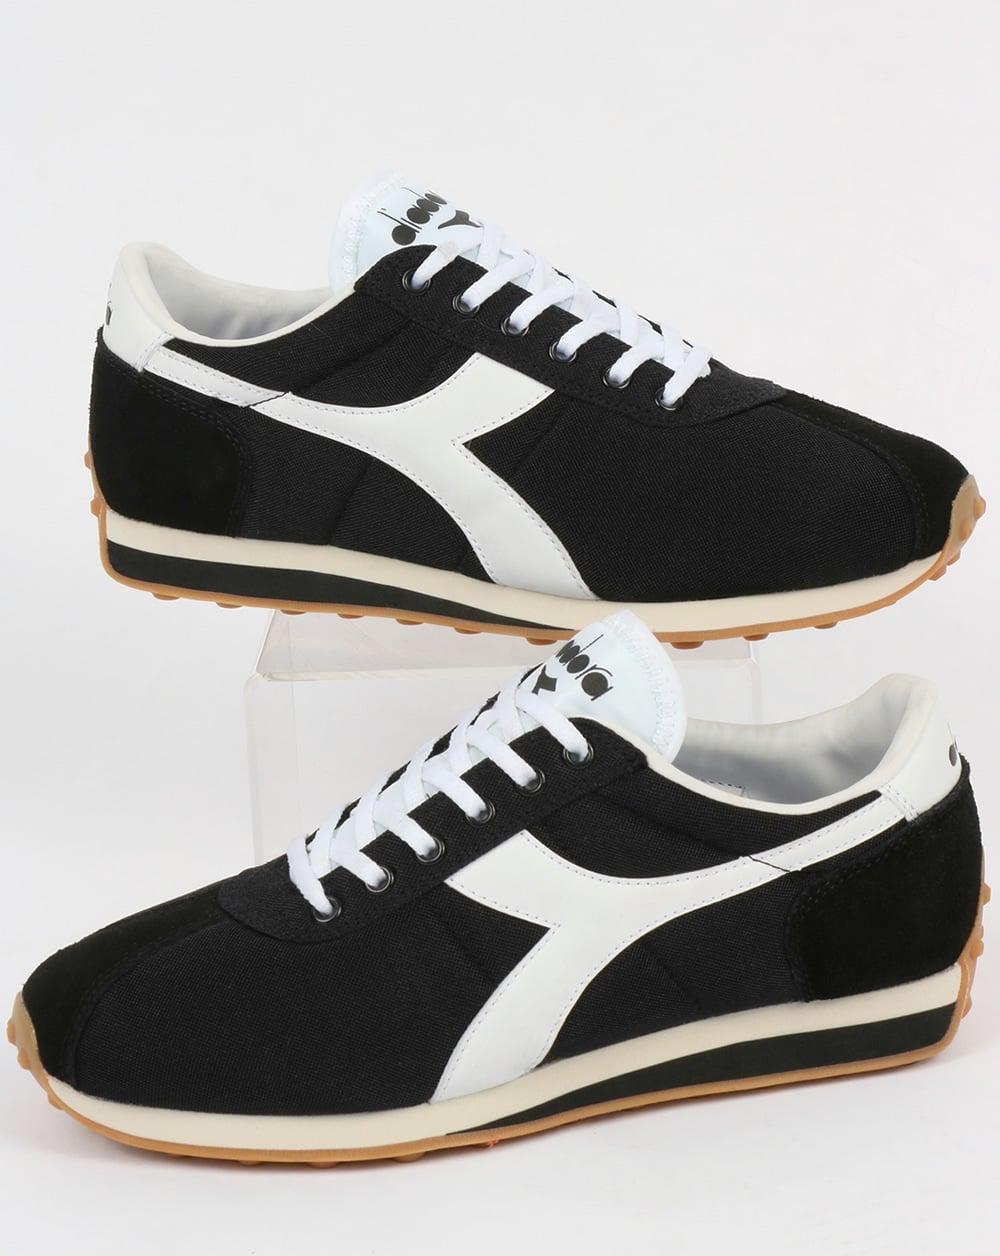 b0a45dad Diadora Sirio Trainers Black/White